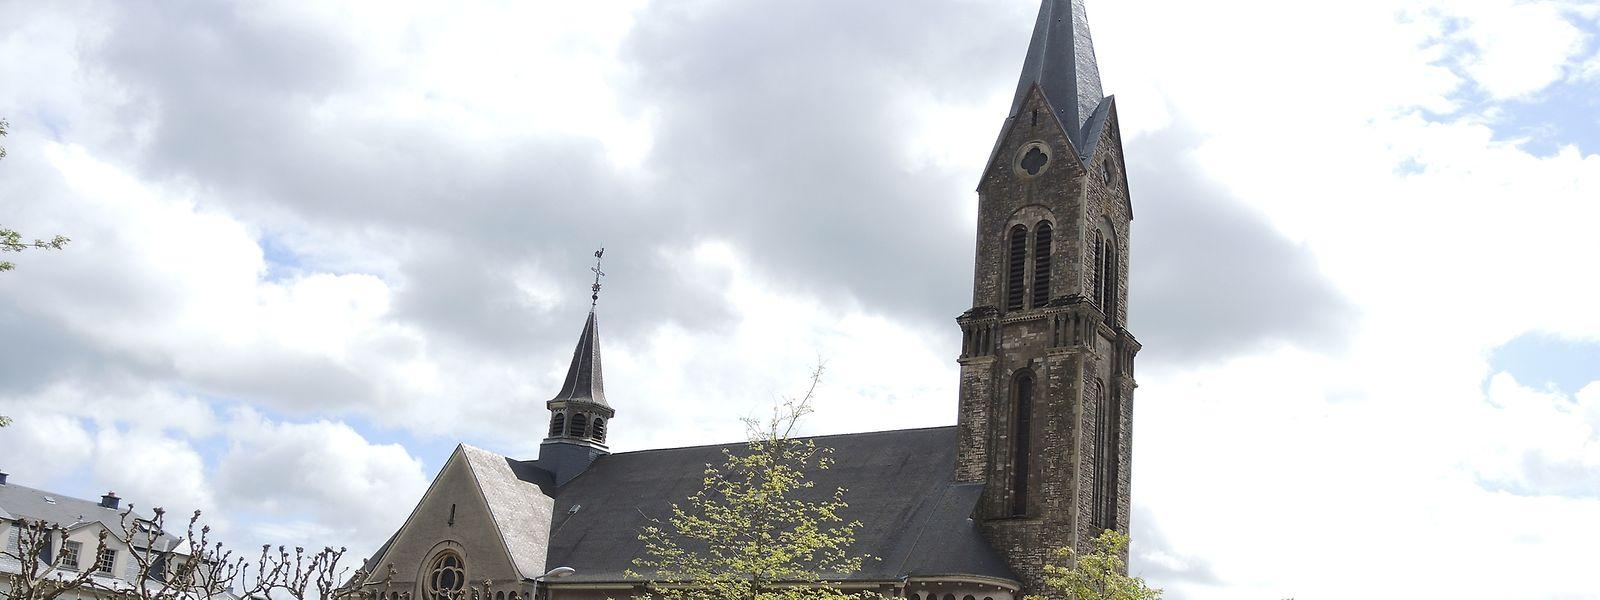 """Die """"Paterkierch"""" in Esch/Alzette wurde 1922 bis 1923 auf Entschluss der """"Société métallurgique des Terres-Rouges"""" hin gebaut."""